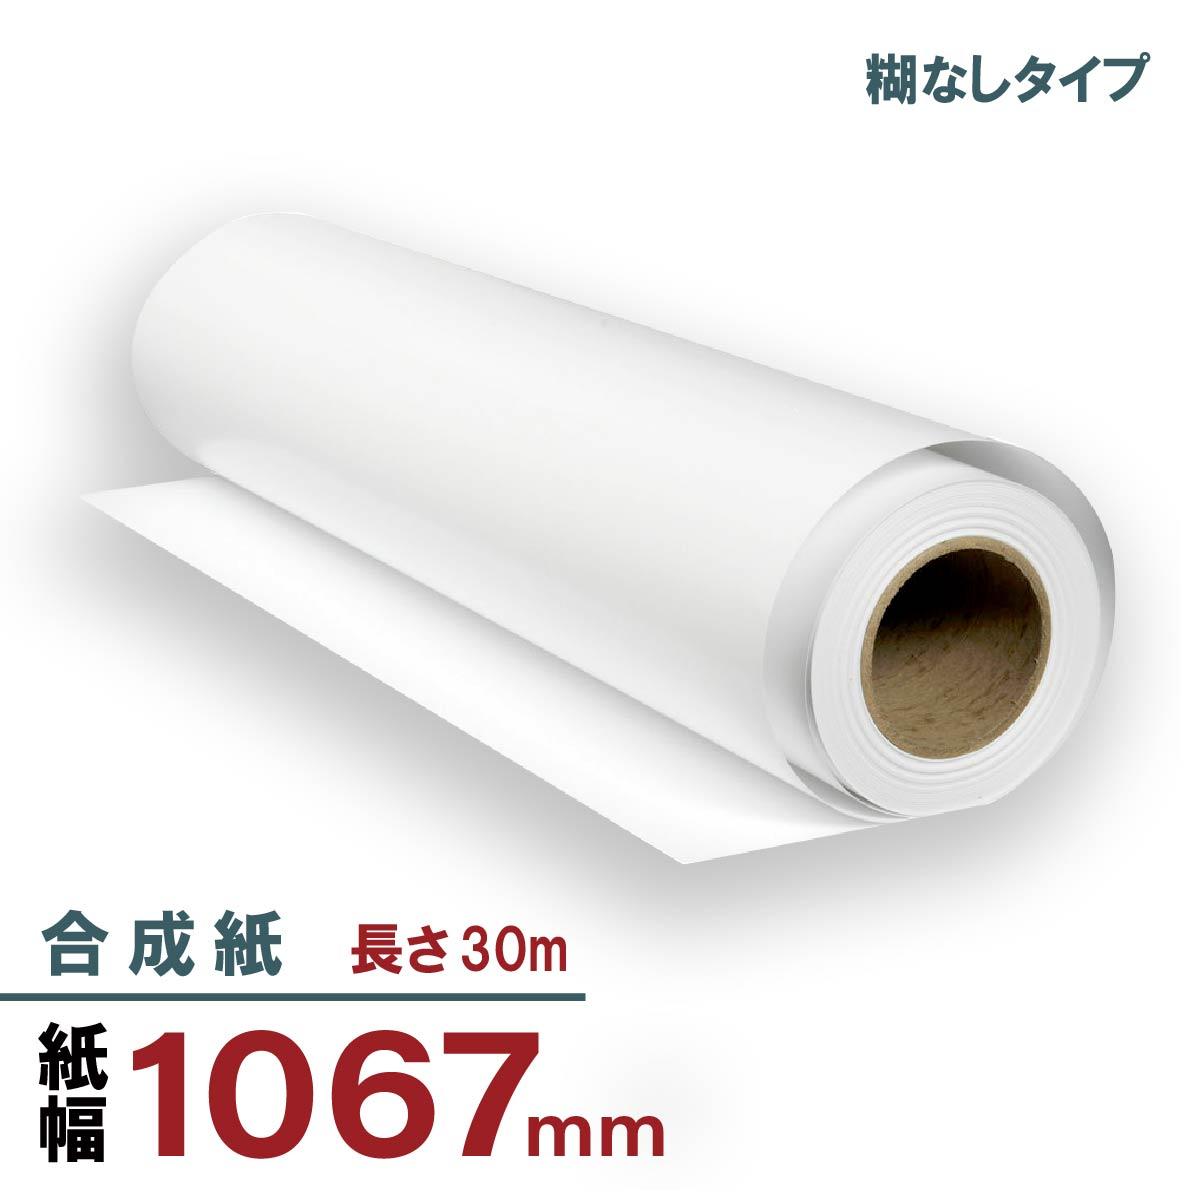 マット合成紙 1067mmx30m 糊なし